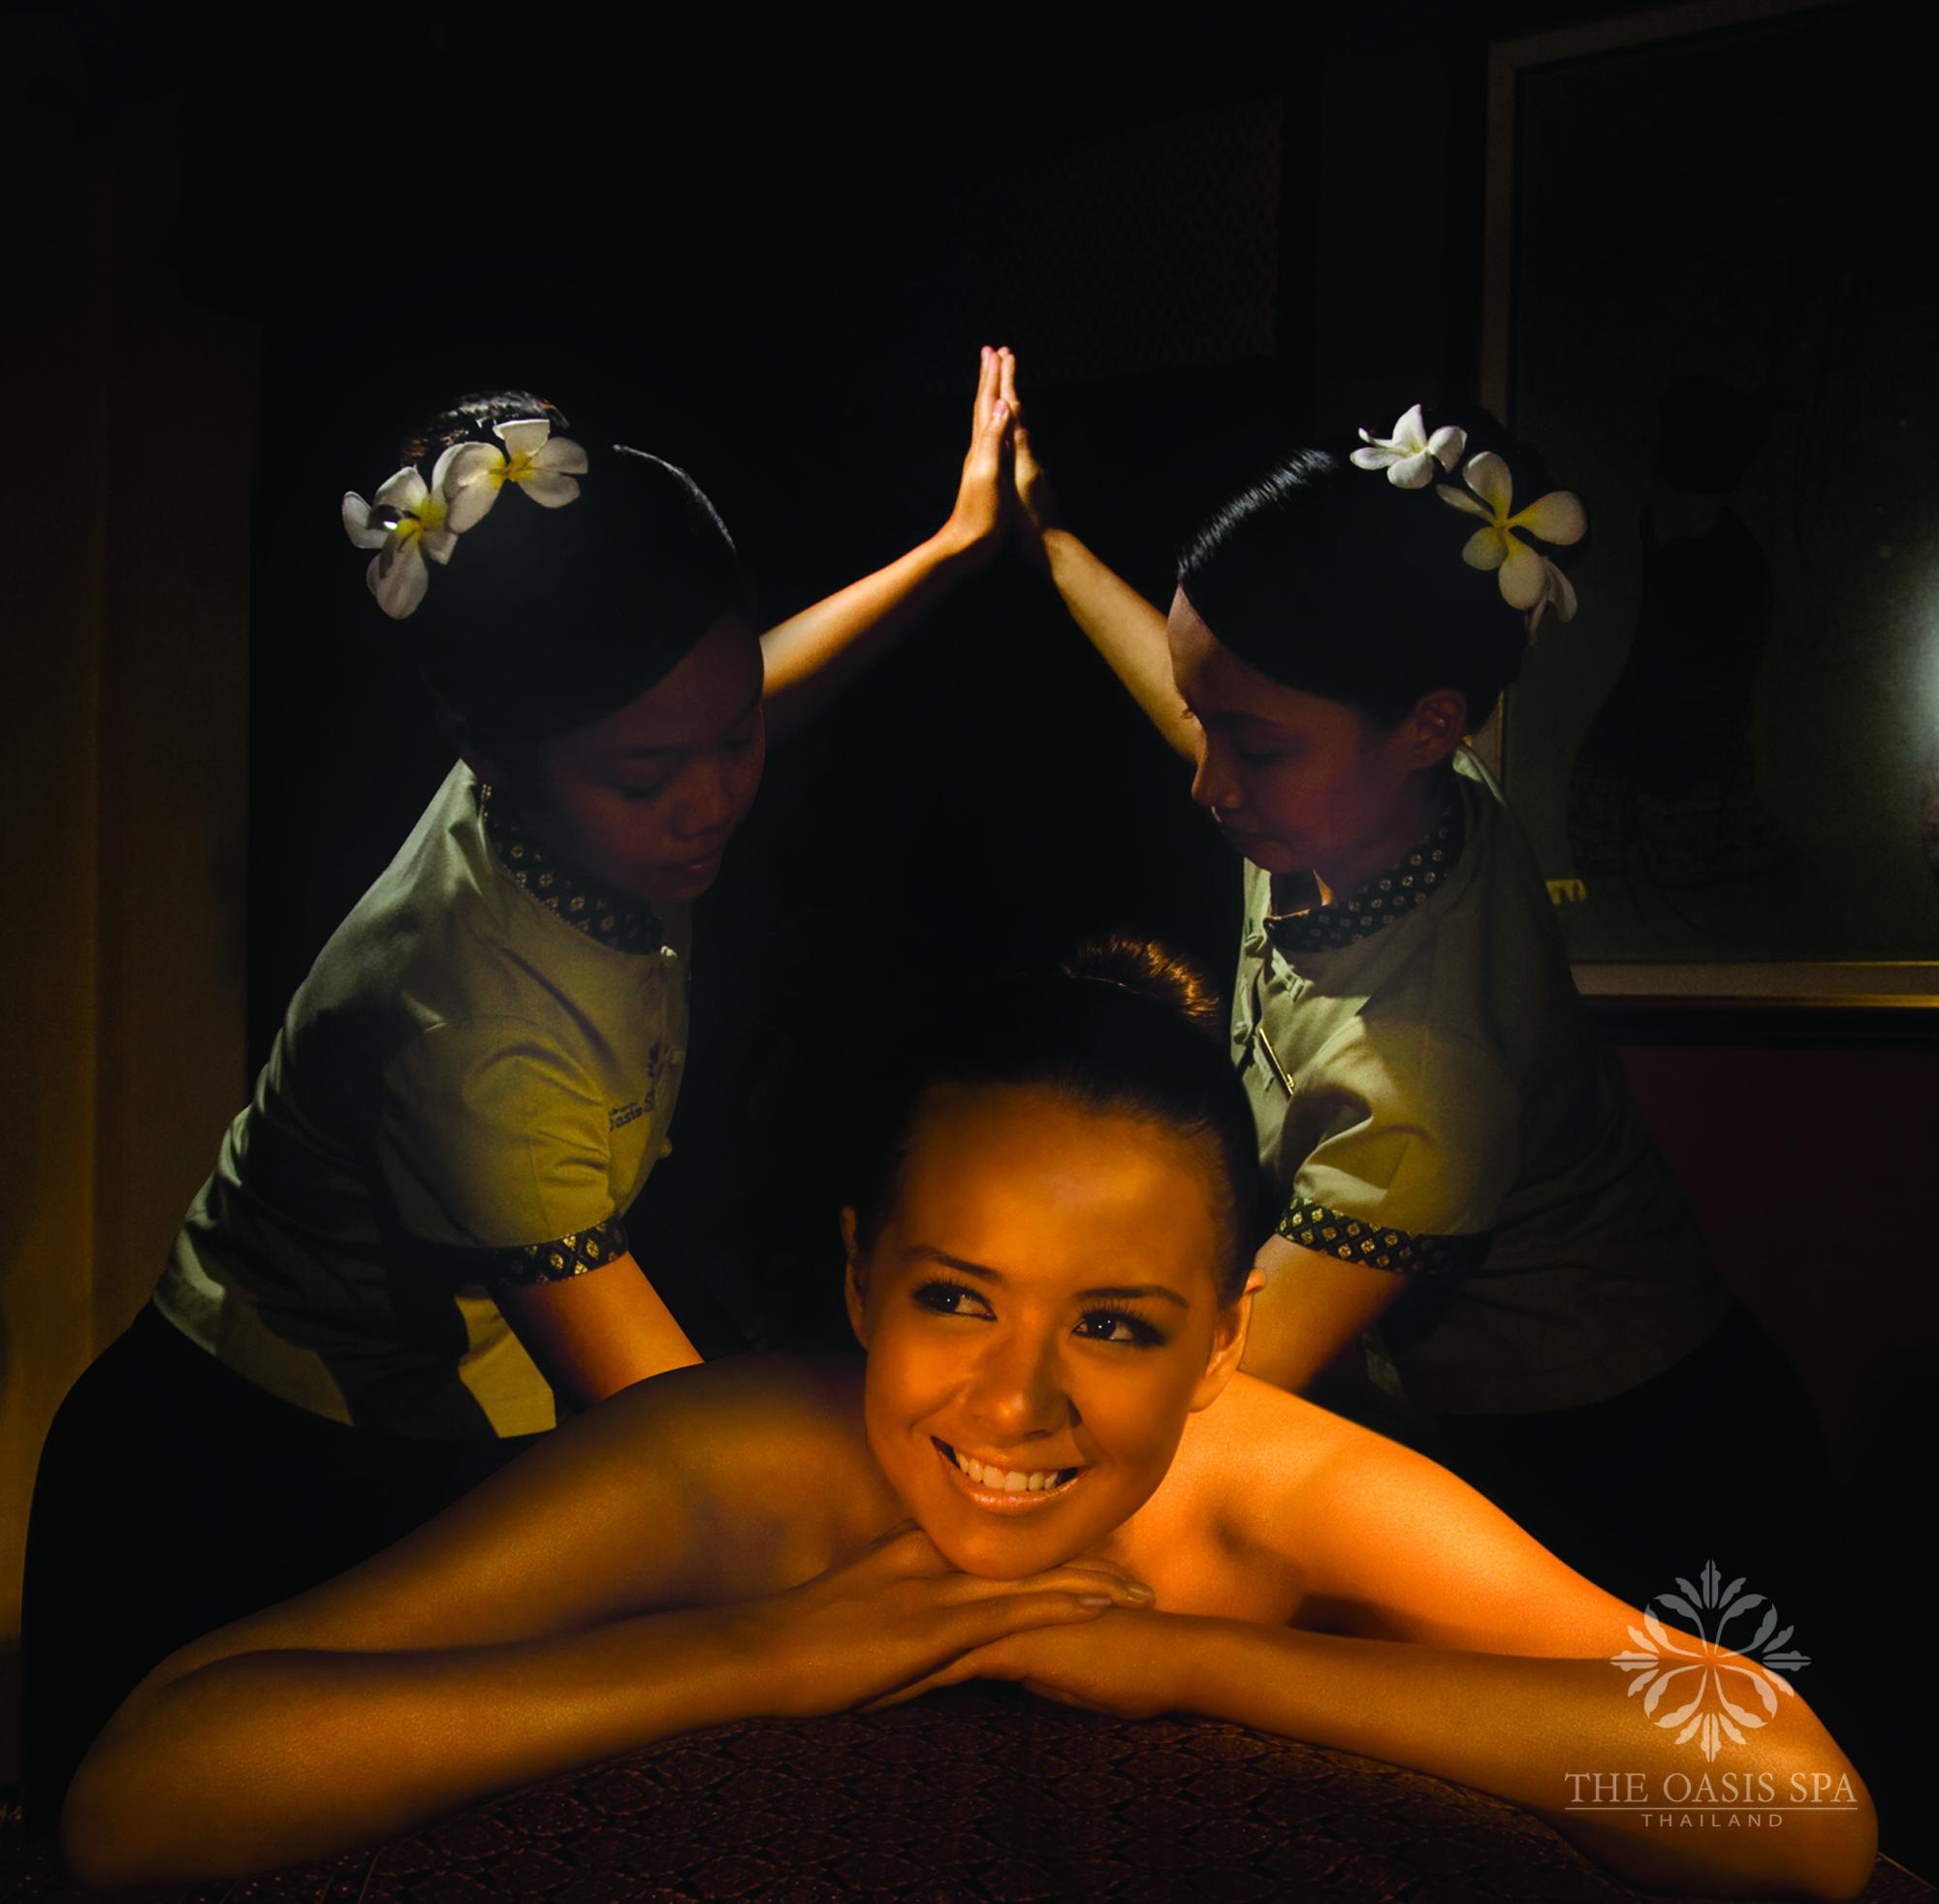 Тайский массаж с продолжением смотреть онлайн 8 фотография